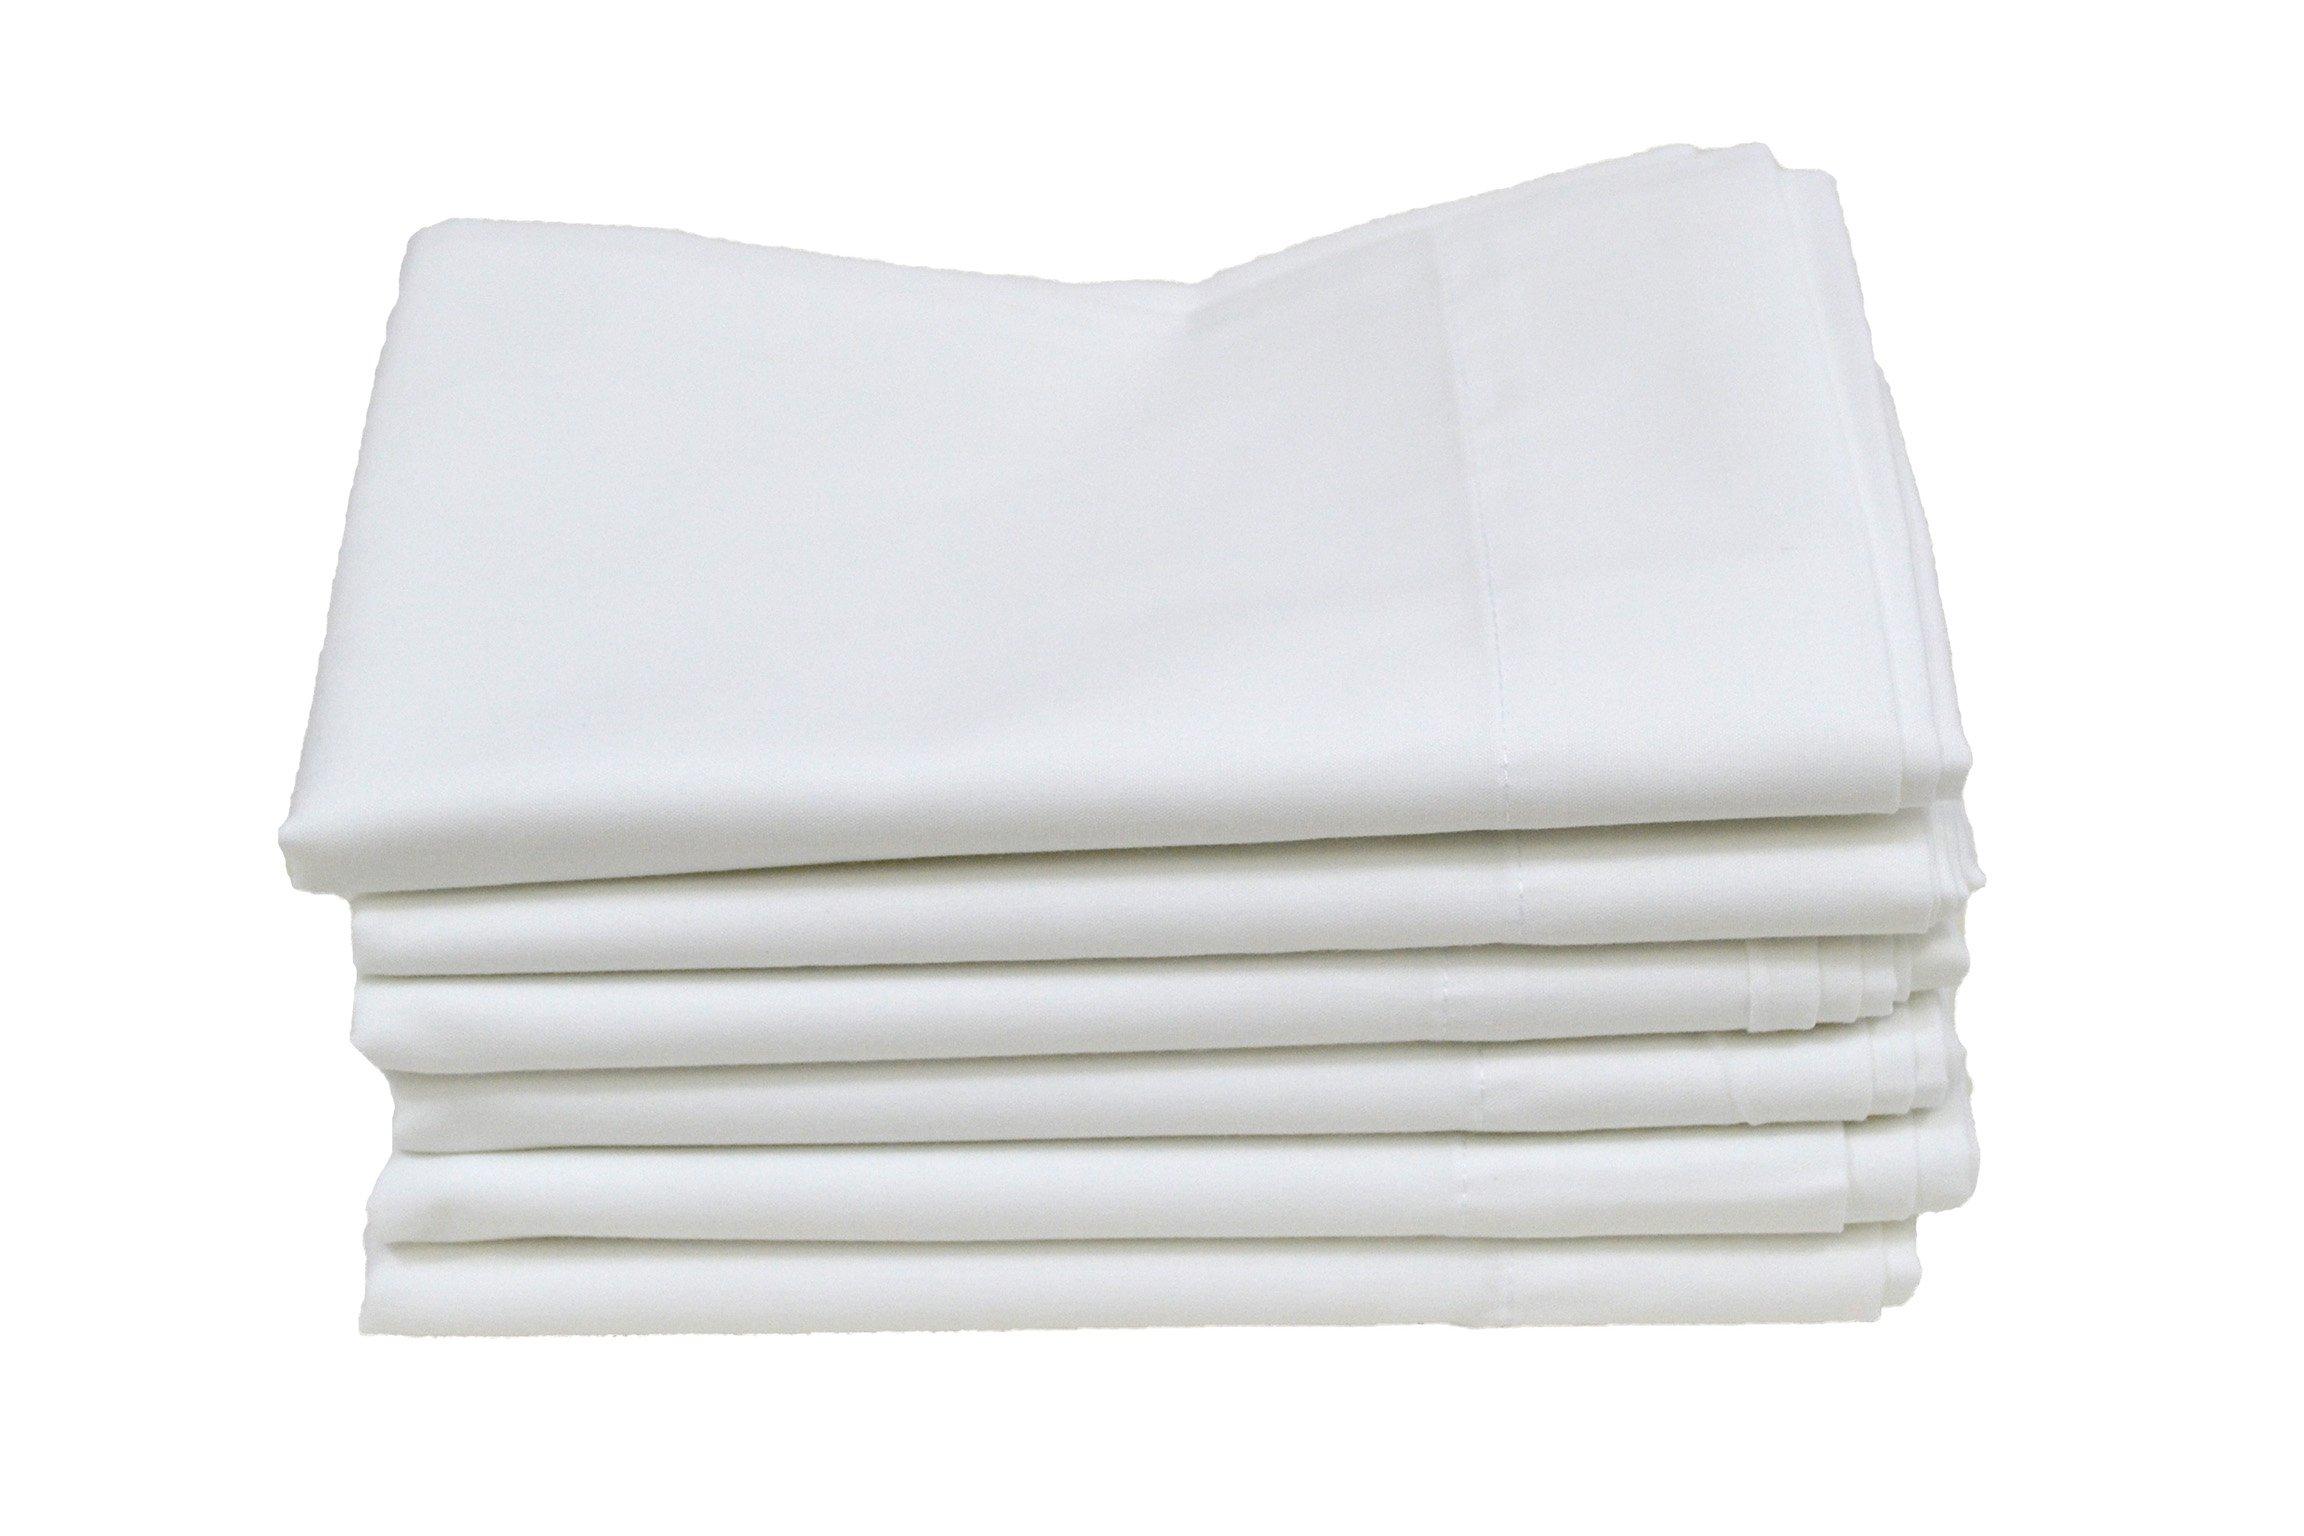 Hotel Basics X31000 T180 Standard Pillow Case, 42'' x 34'', White (Pack of 12)